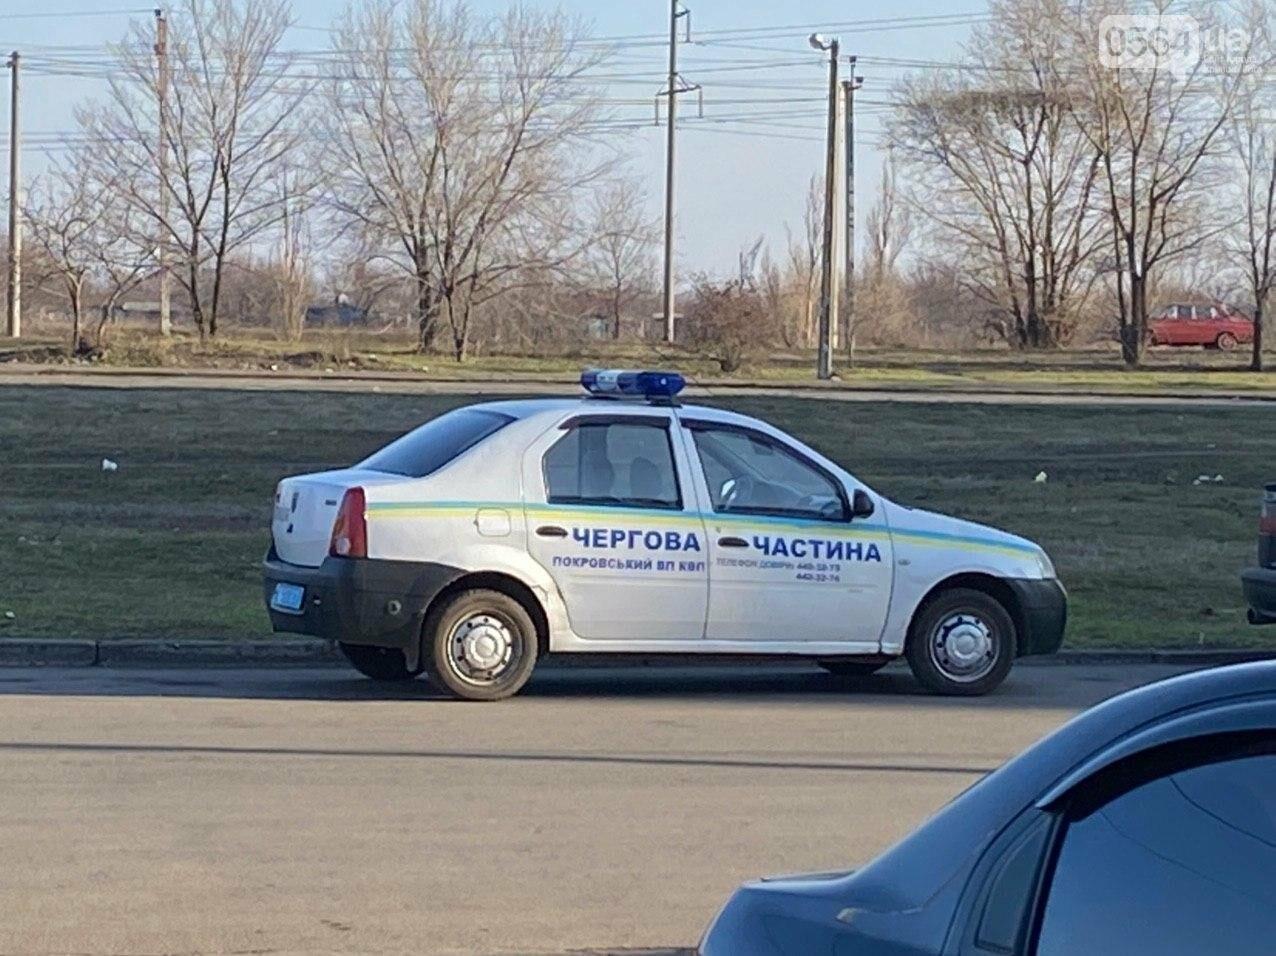 Криворожане заявили в полицию о функционировании незаконного игорного бизнеса. Идет проверка, - ФОТО , фото-16